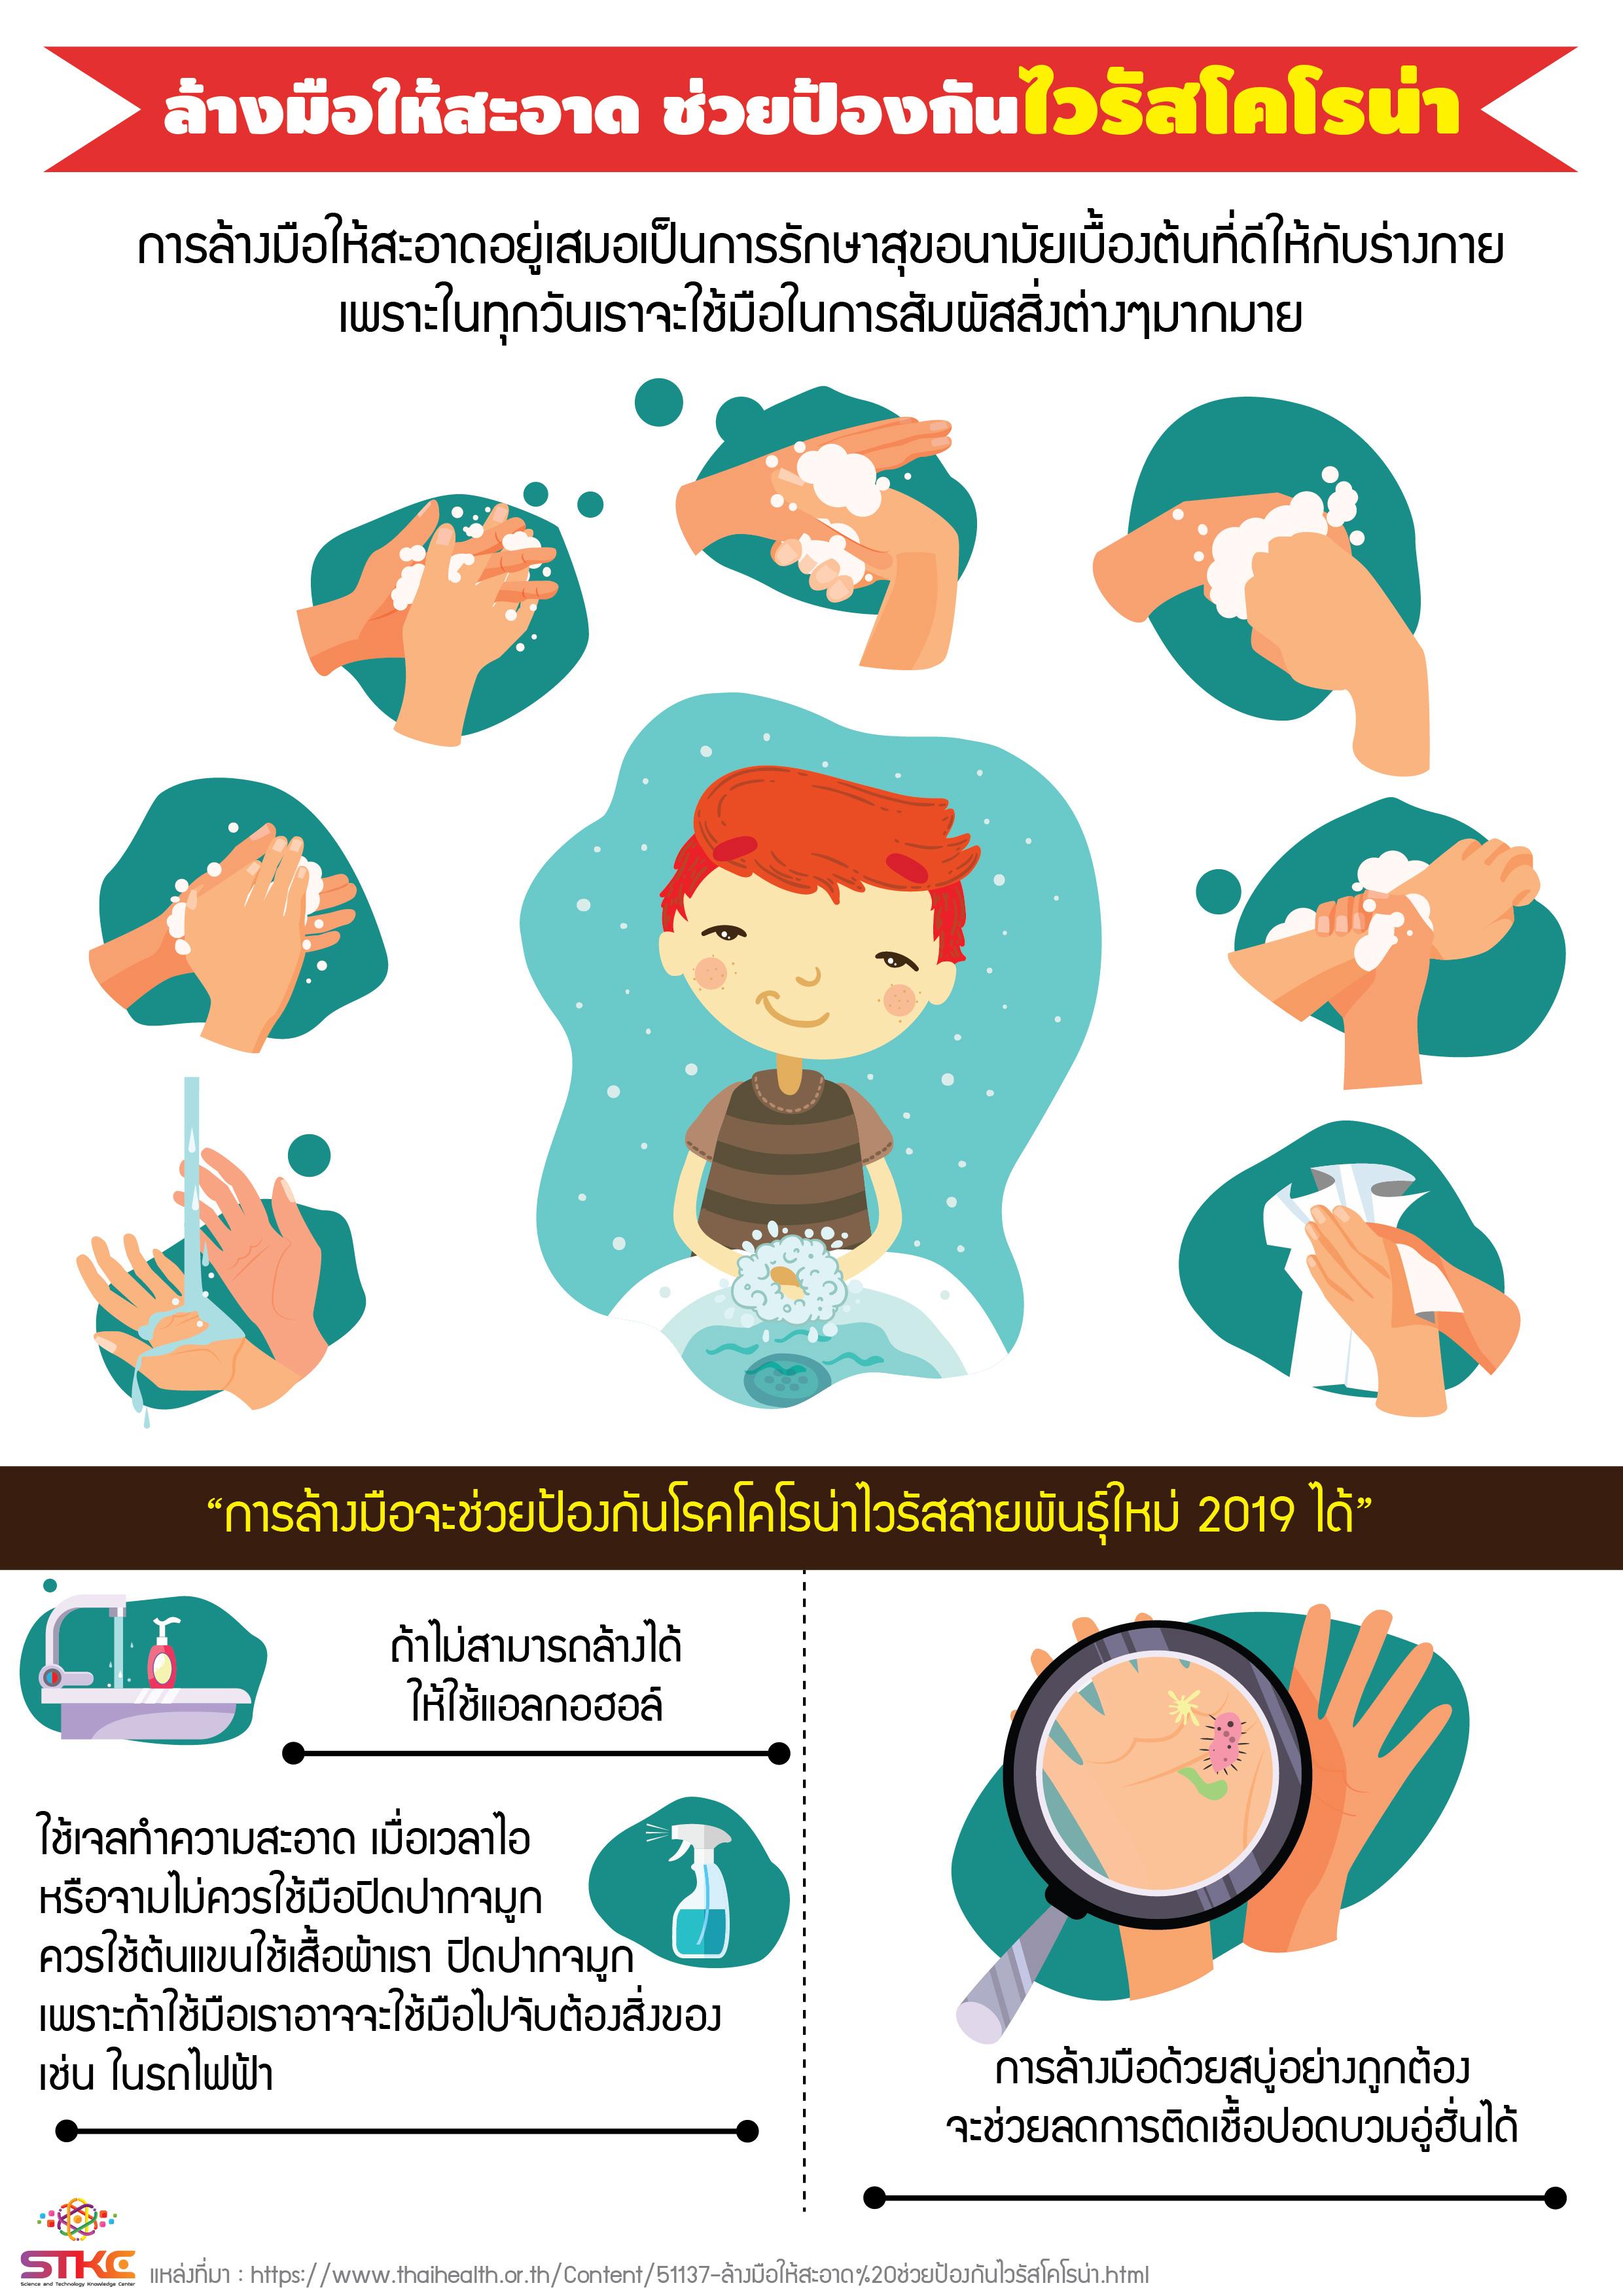 ล้างมือให้สะอาด ช่วยป้องกันไวรัสโคโรน่า